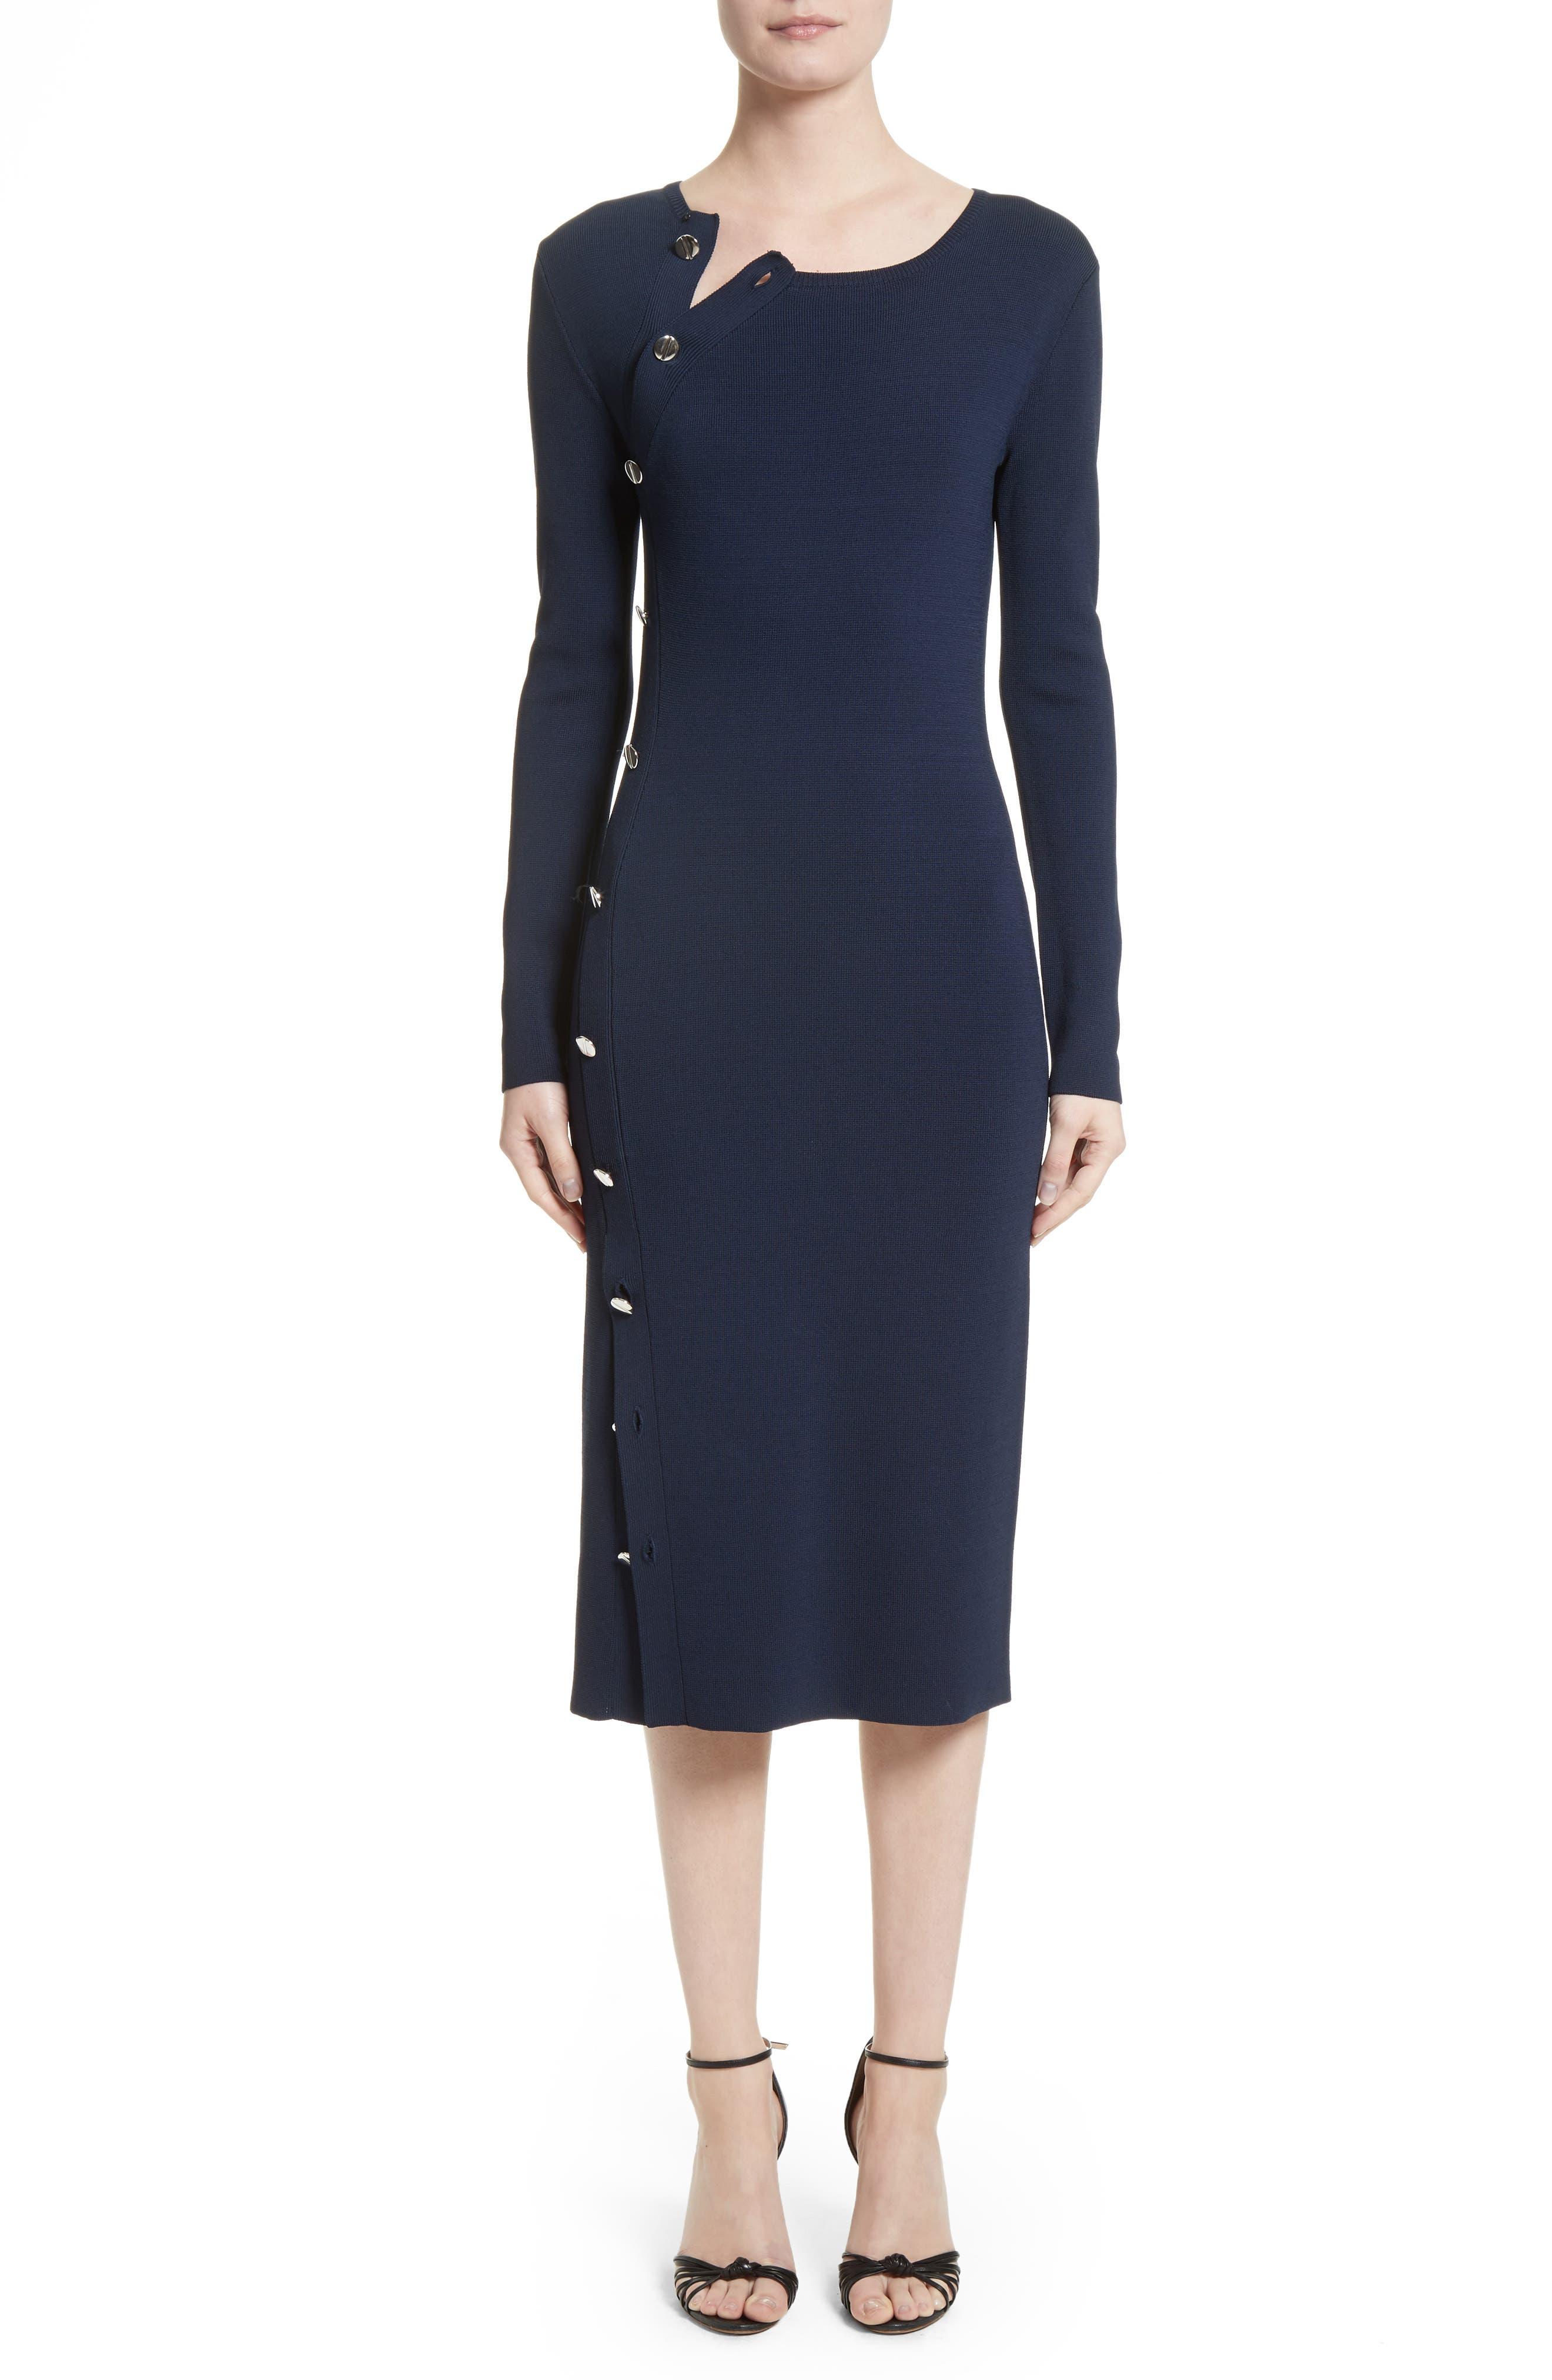 Altuzarra Button Detail Knit Dress